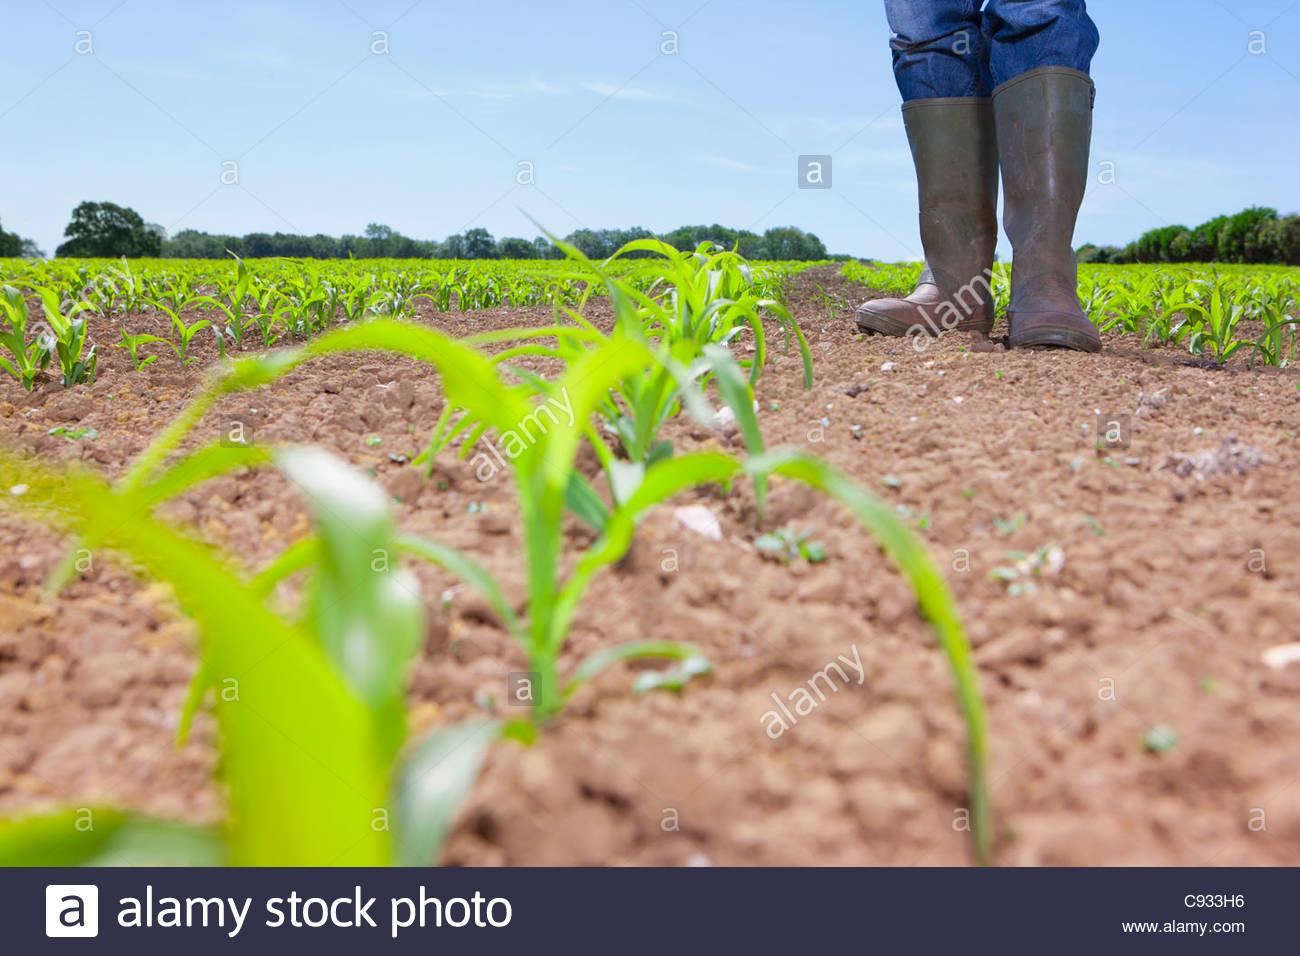 Landwirt in Gummistiefel stehen im Feld mit Mais Sämlinge Stockbild